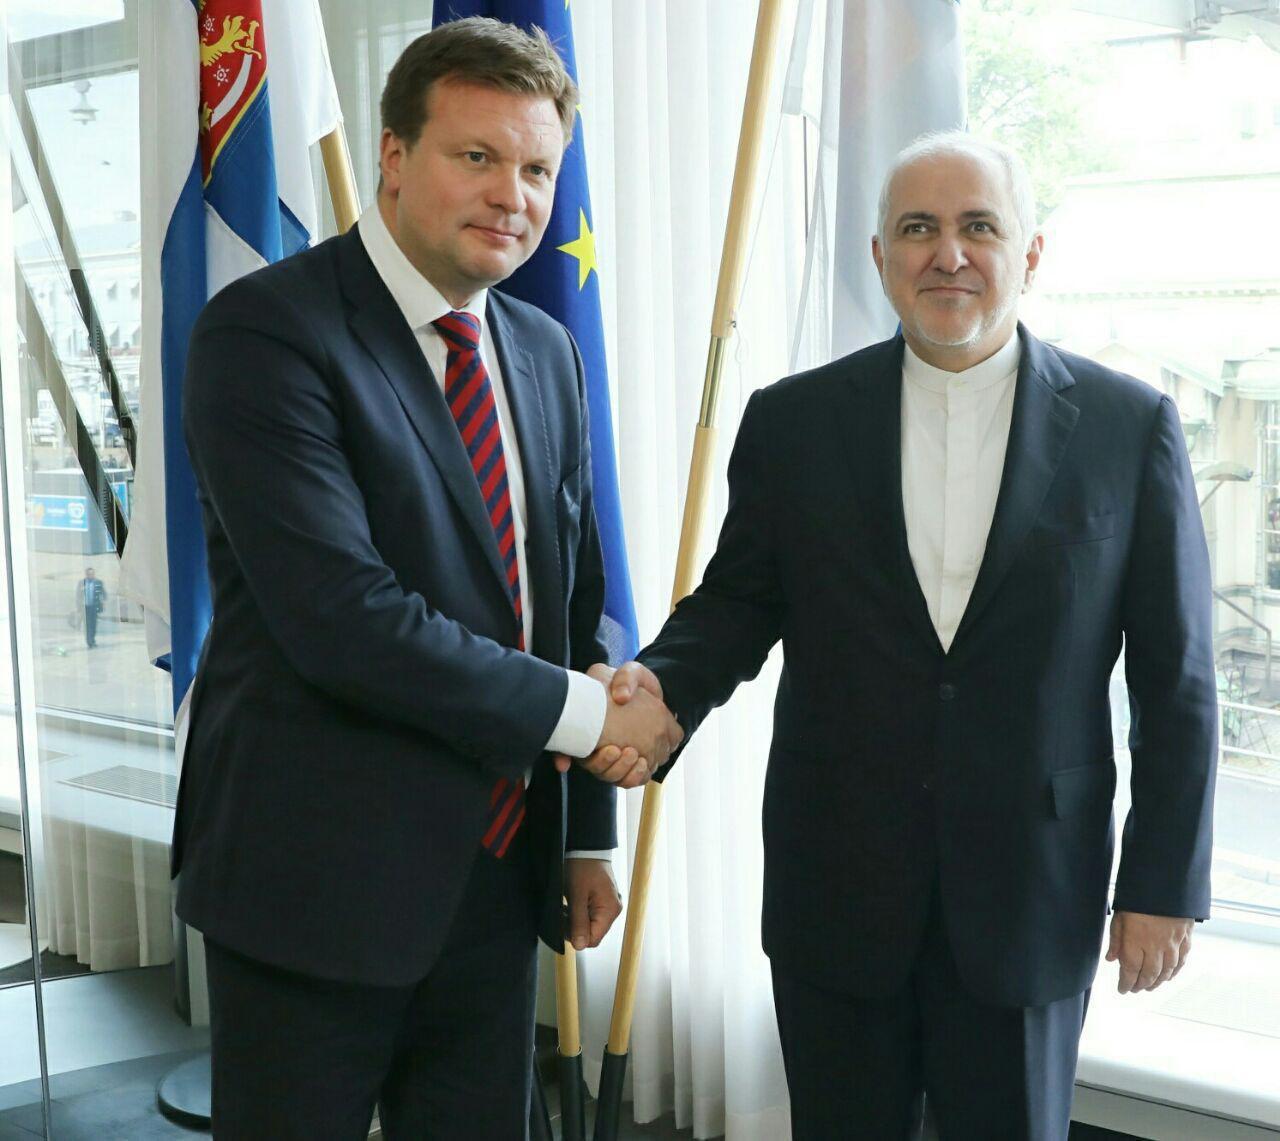 وزیر امور خارجه کشورمان و وزیر امور توسعه و تجارت خارجی فنلاند در هلسینکی دیدار کردند